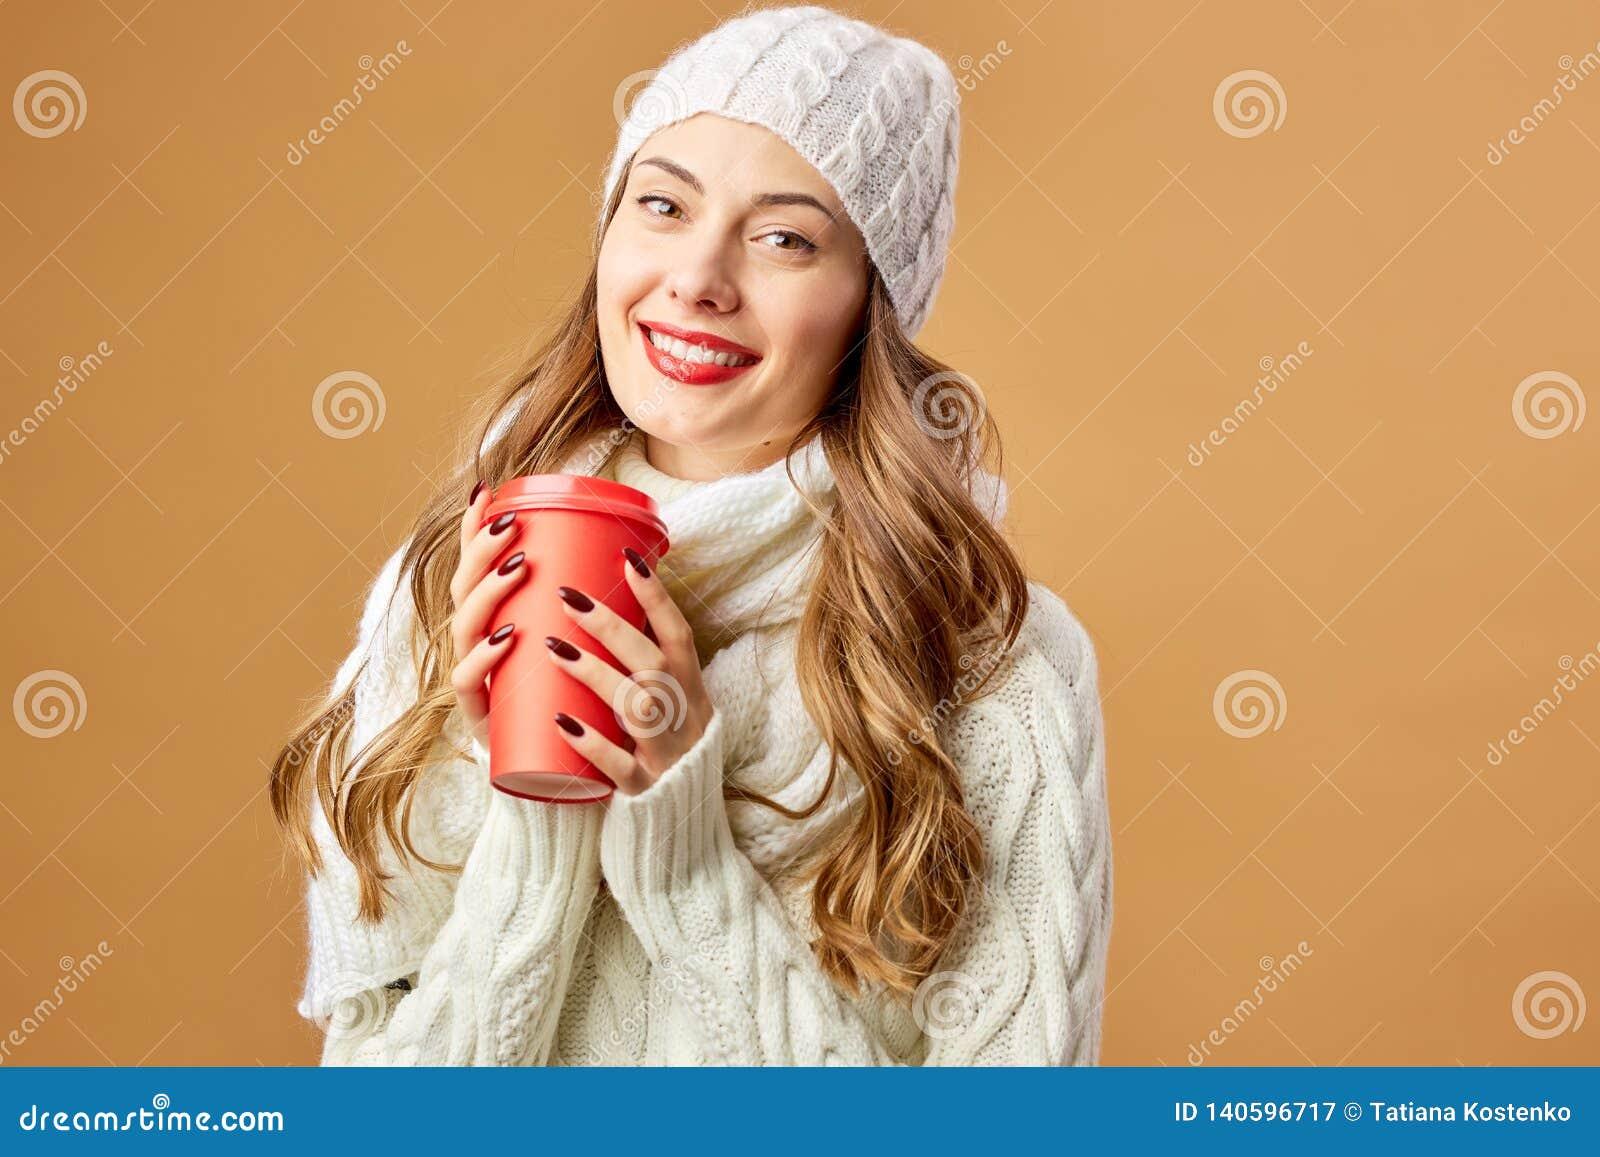 Das lächelnde Mädchen, das in der weißen gestrickten Strickjacke und im Hut gekleidet wird, hält eine rote Schale in ihren Händen